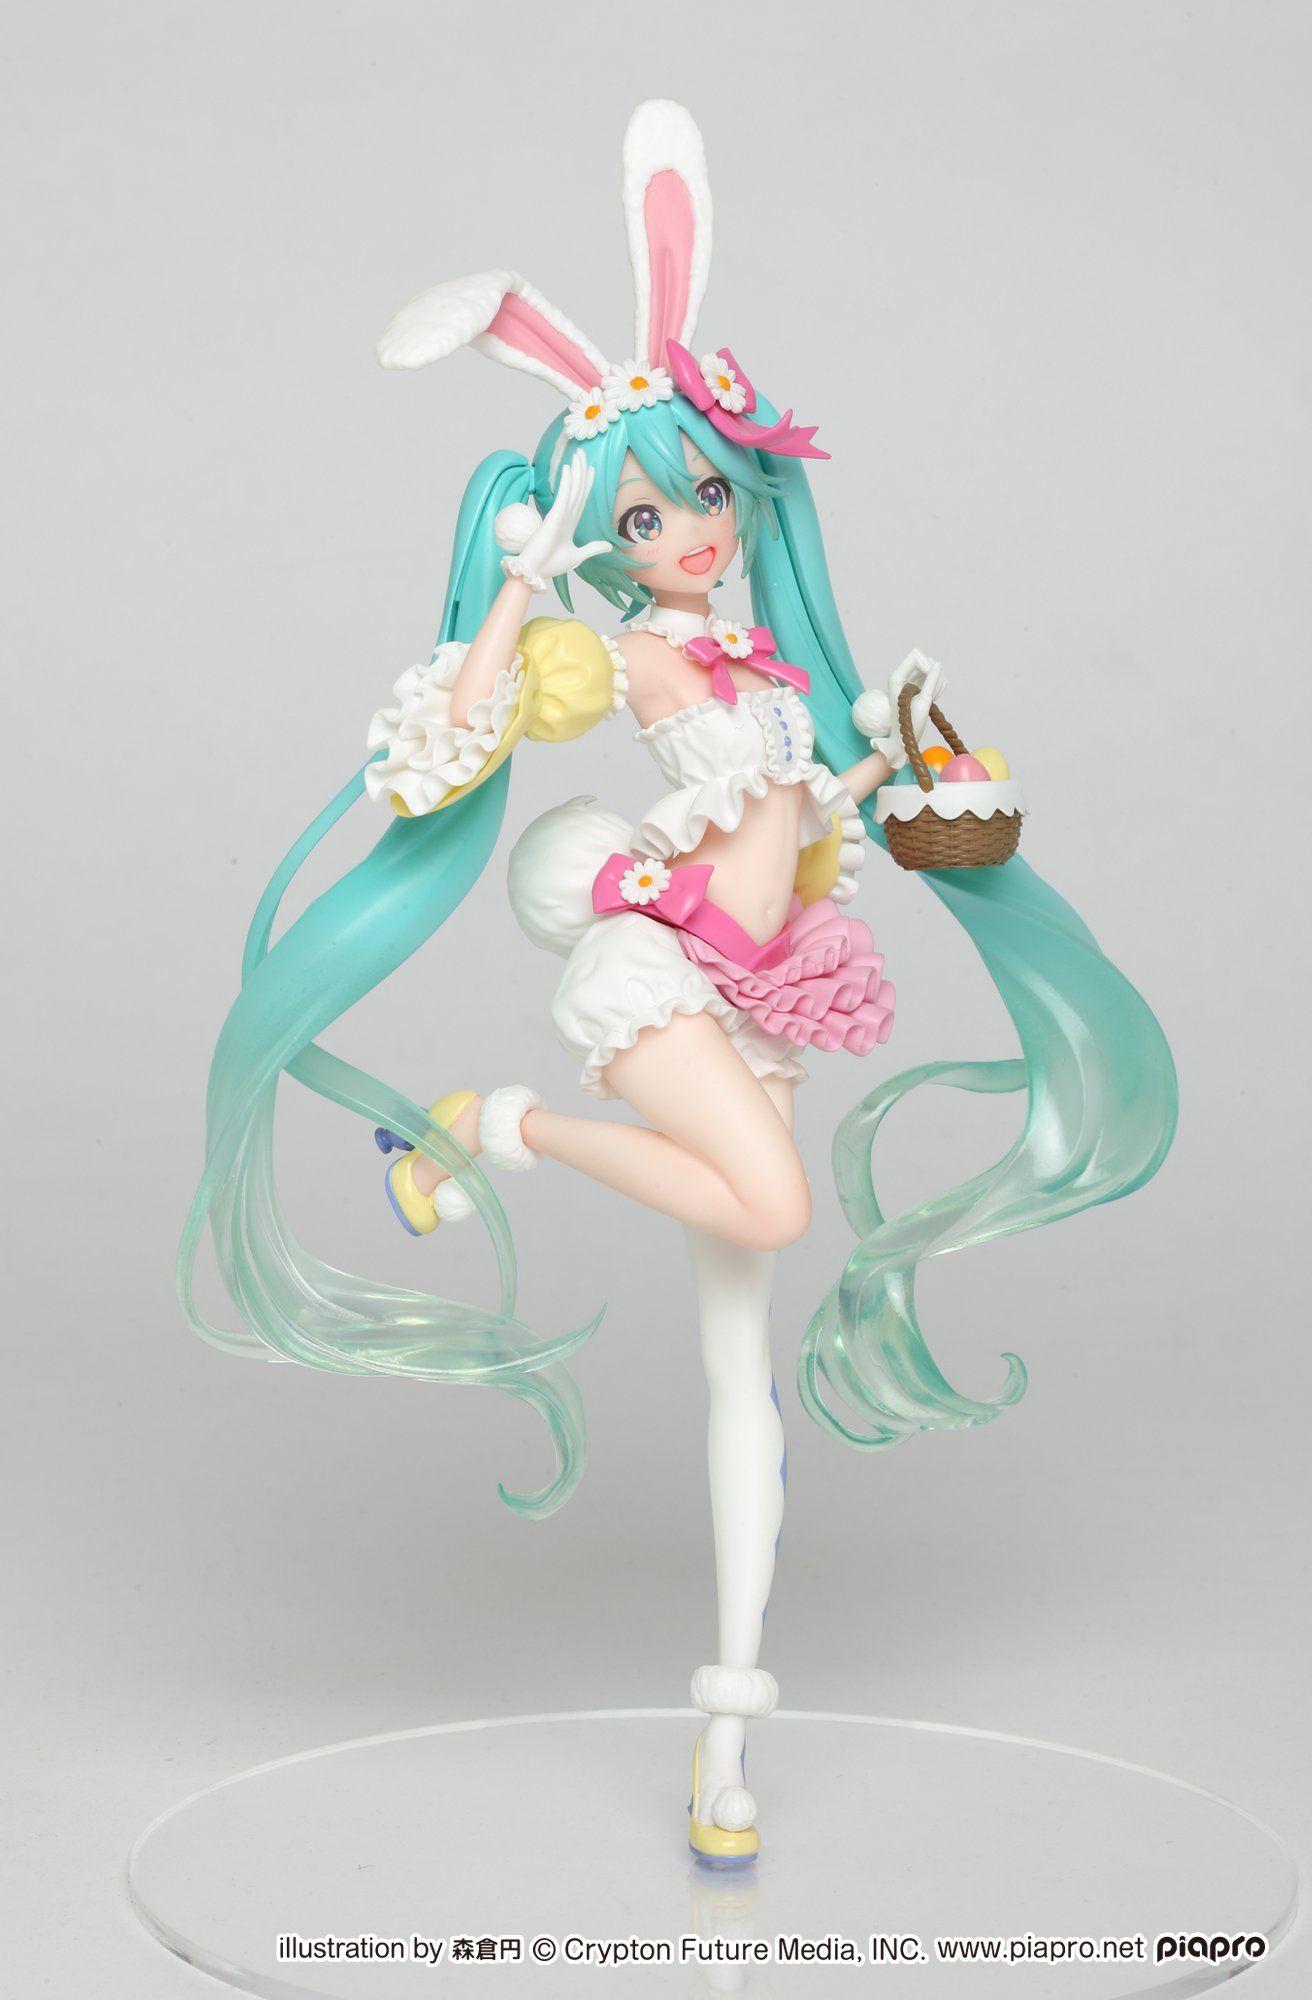 タイトートイズ on 美少女フィギュア、アニメ人形、かわいい人形